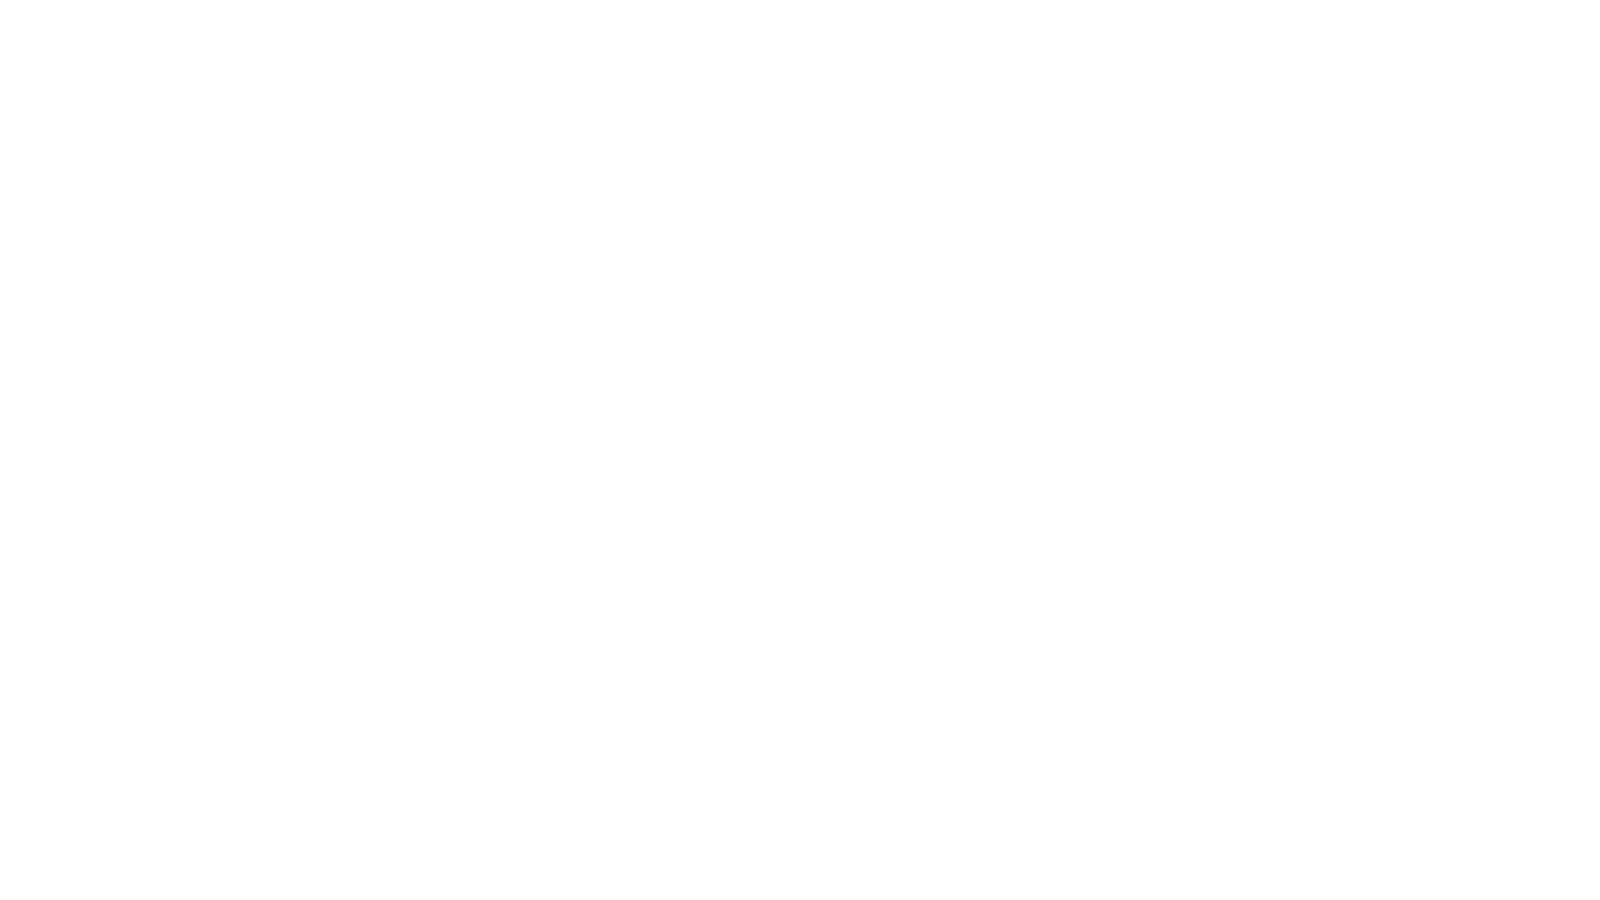 """Наш пеший поход на Ладогу. Ставим палатку на берегу Ладожского озера. Прогнозы обещали дождь и мы взяли с собой туристический тент, чтобы дополнительно защититься от ветра и дождя. Готовим на горелке, разжигаем костер. У меня сломались зажигалки =) Почти все.  Наш сайт: http://lesnichin.com/  Больше обзоров: https://youtube.com/playlist?list=PLz...  Мы Вконтакте: https://vk.com/lesnichini_v_lesu  Мы в инстаграме: https://www.instagram.com/makslesnich... https://www.instagram.com/irinawoo/  -~-~~-~~~-~~-~- Интересное видеоОбзор палатки MSR HUBBA HUBBA NX-2, отзыв после года использования """"  https://www.youtube.com/watch?v=MFoNn...  #туризм #палатка"""